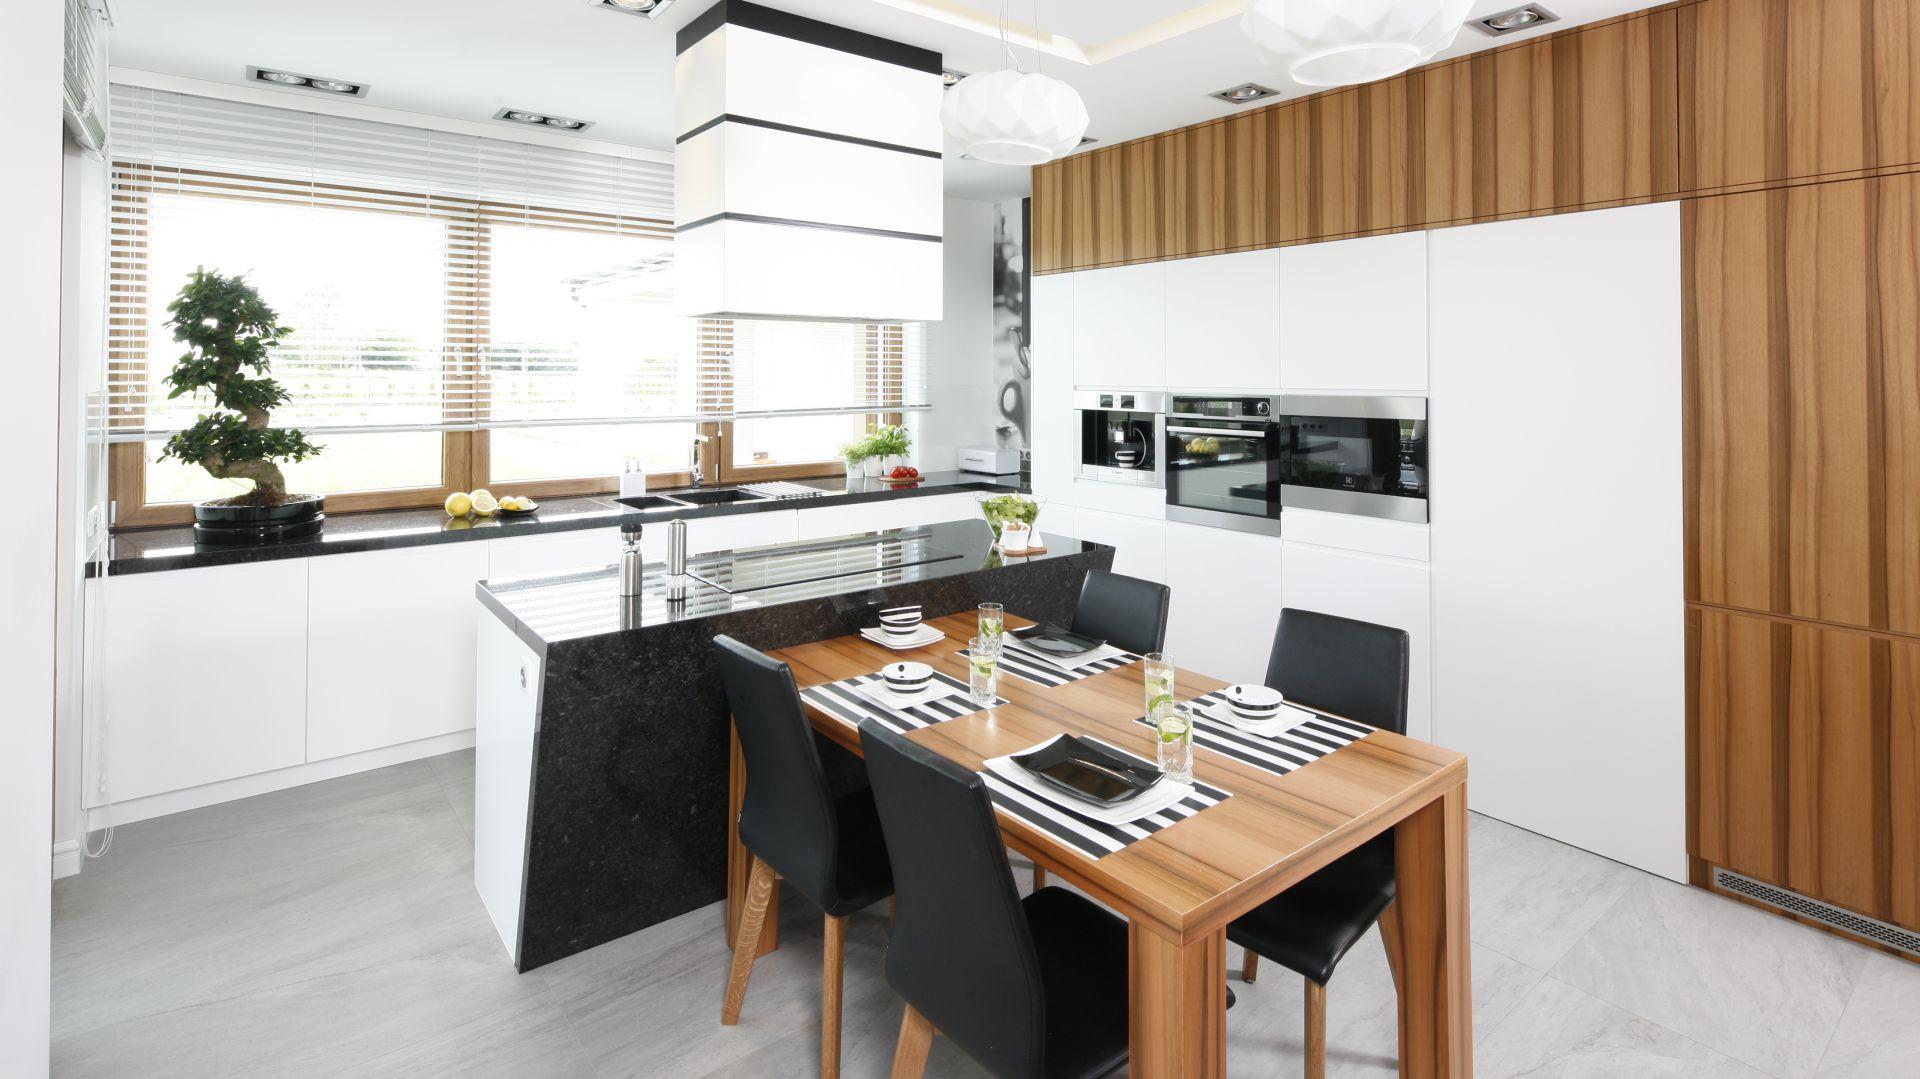 12 Pomyslow Wysoka Zabudowe W Kuchni